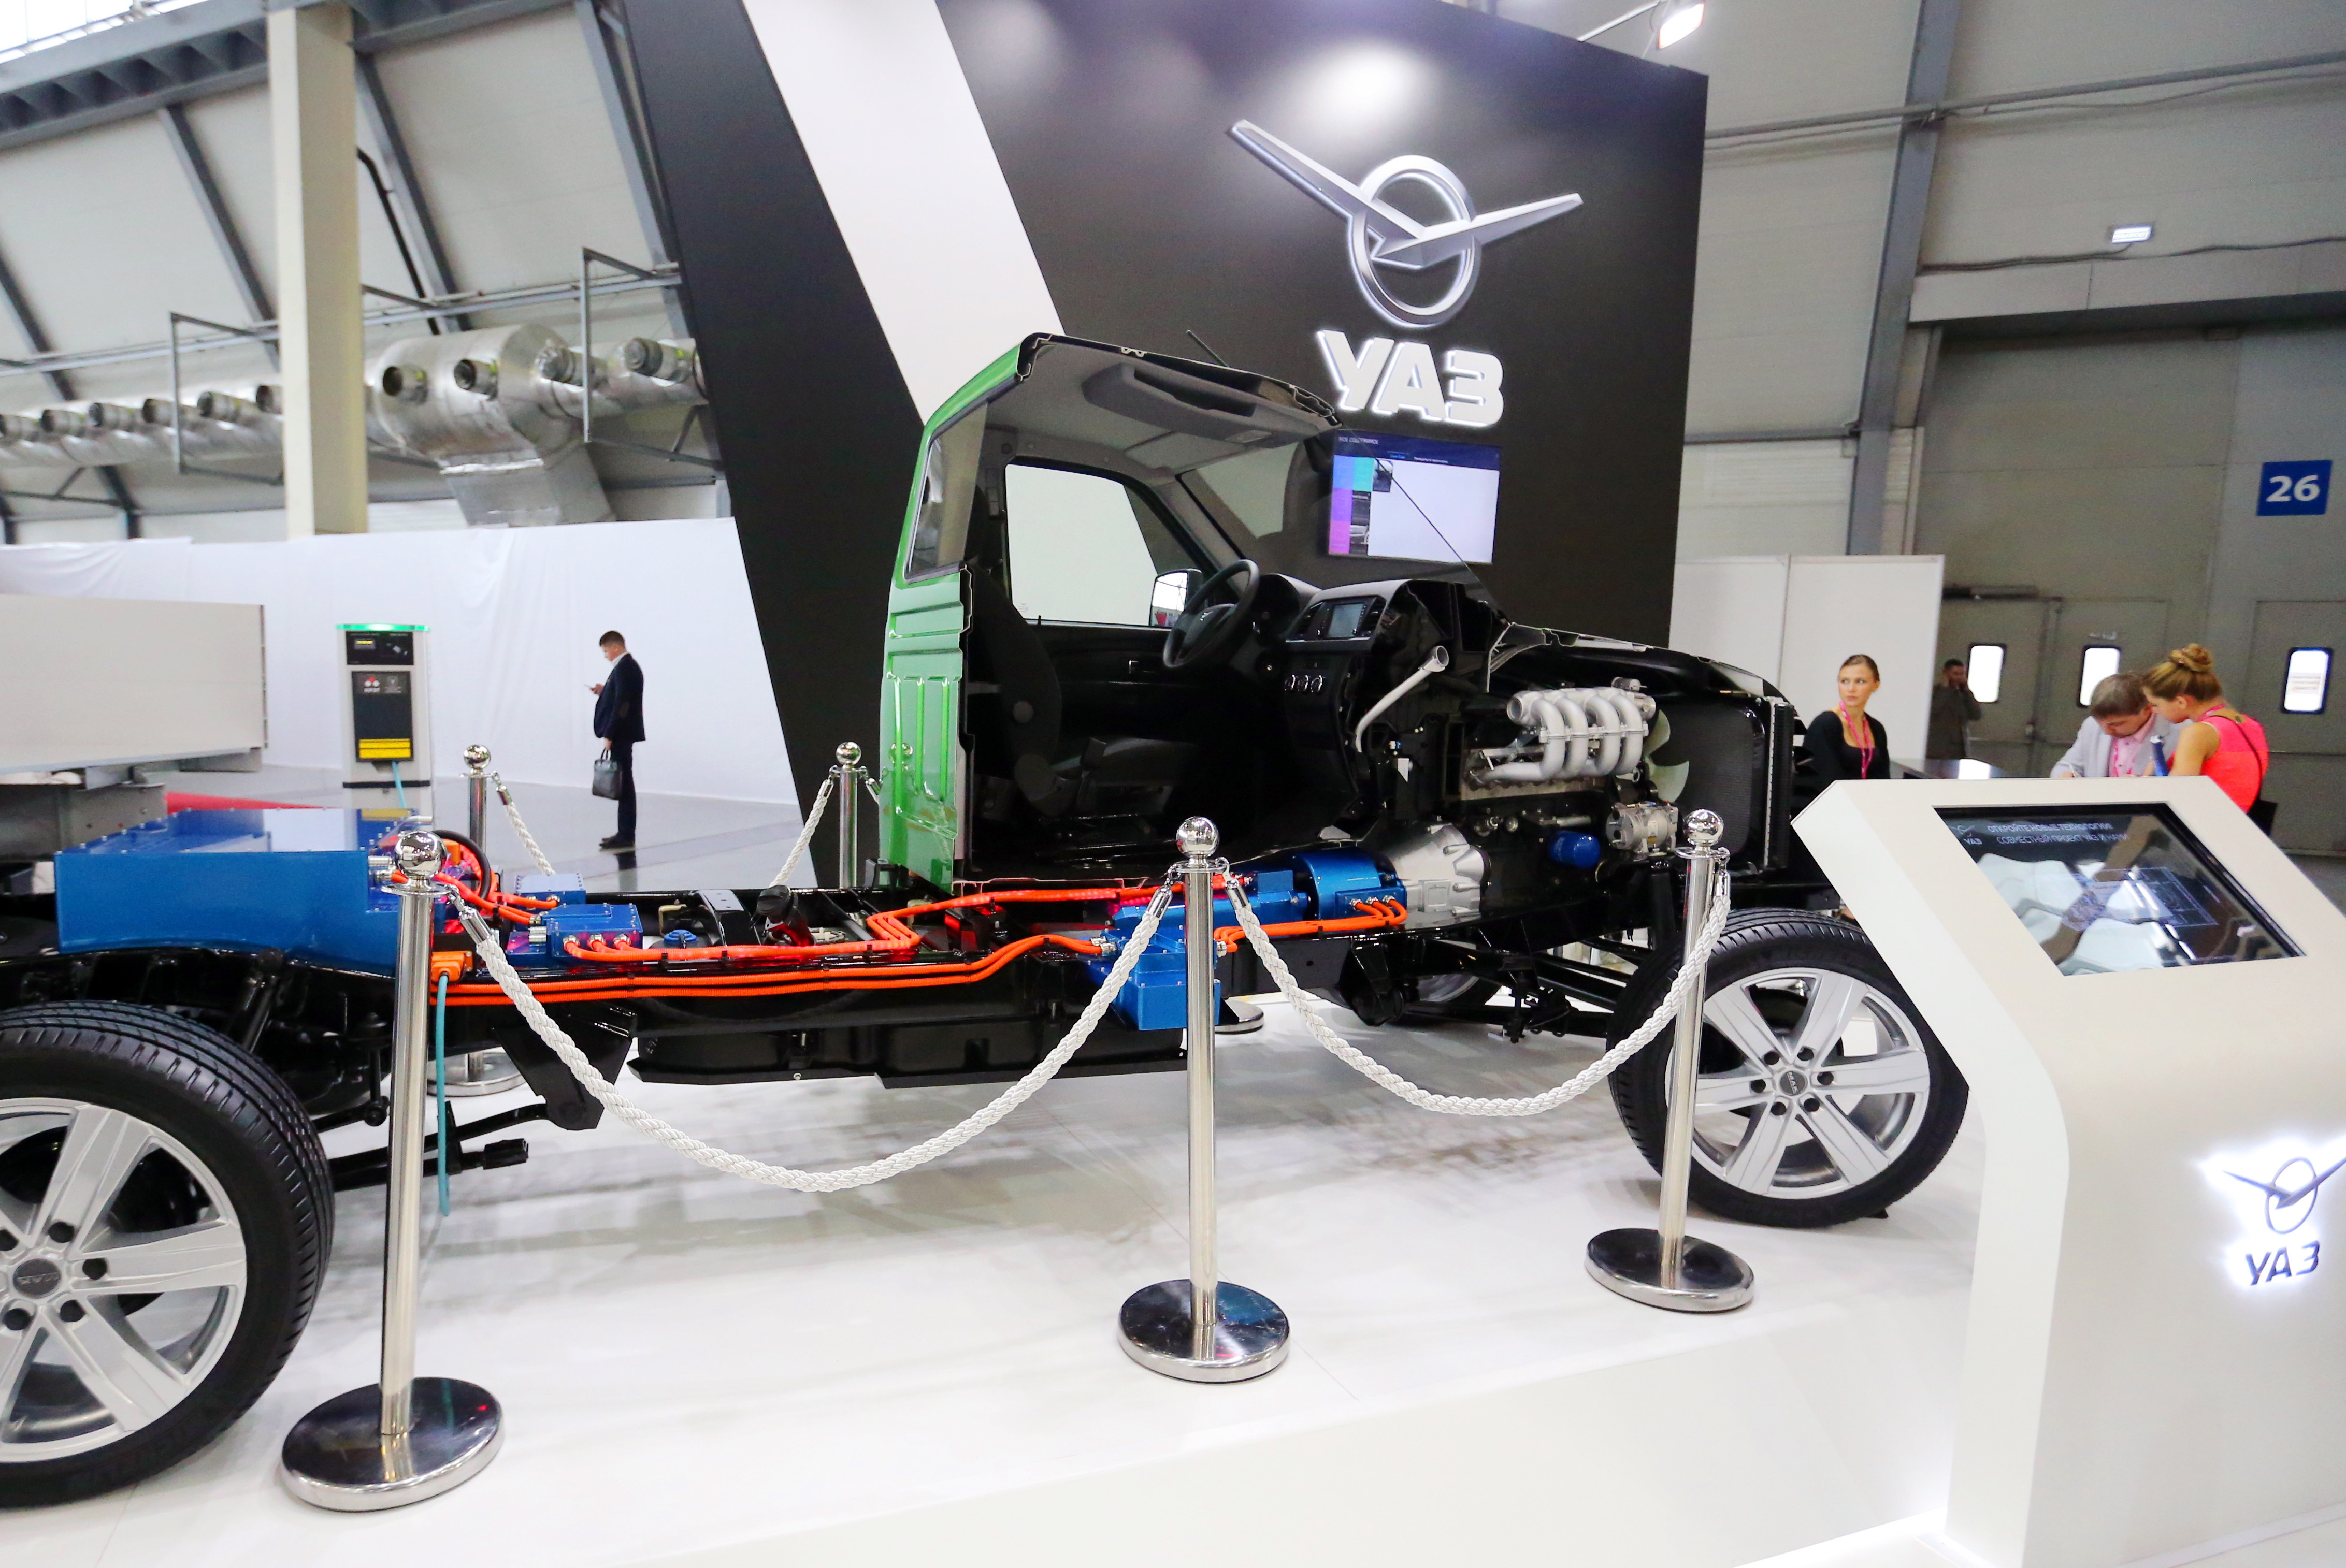 УАЗ собирается выпустить гибридное авто к 2021